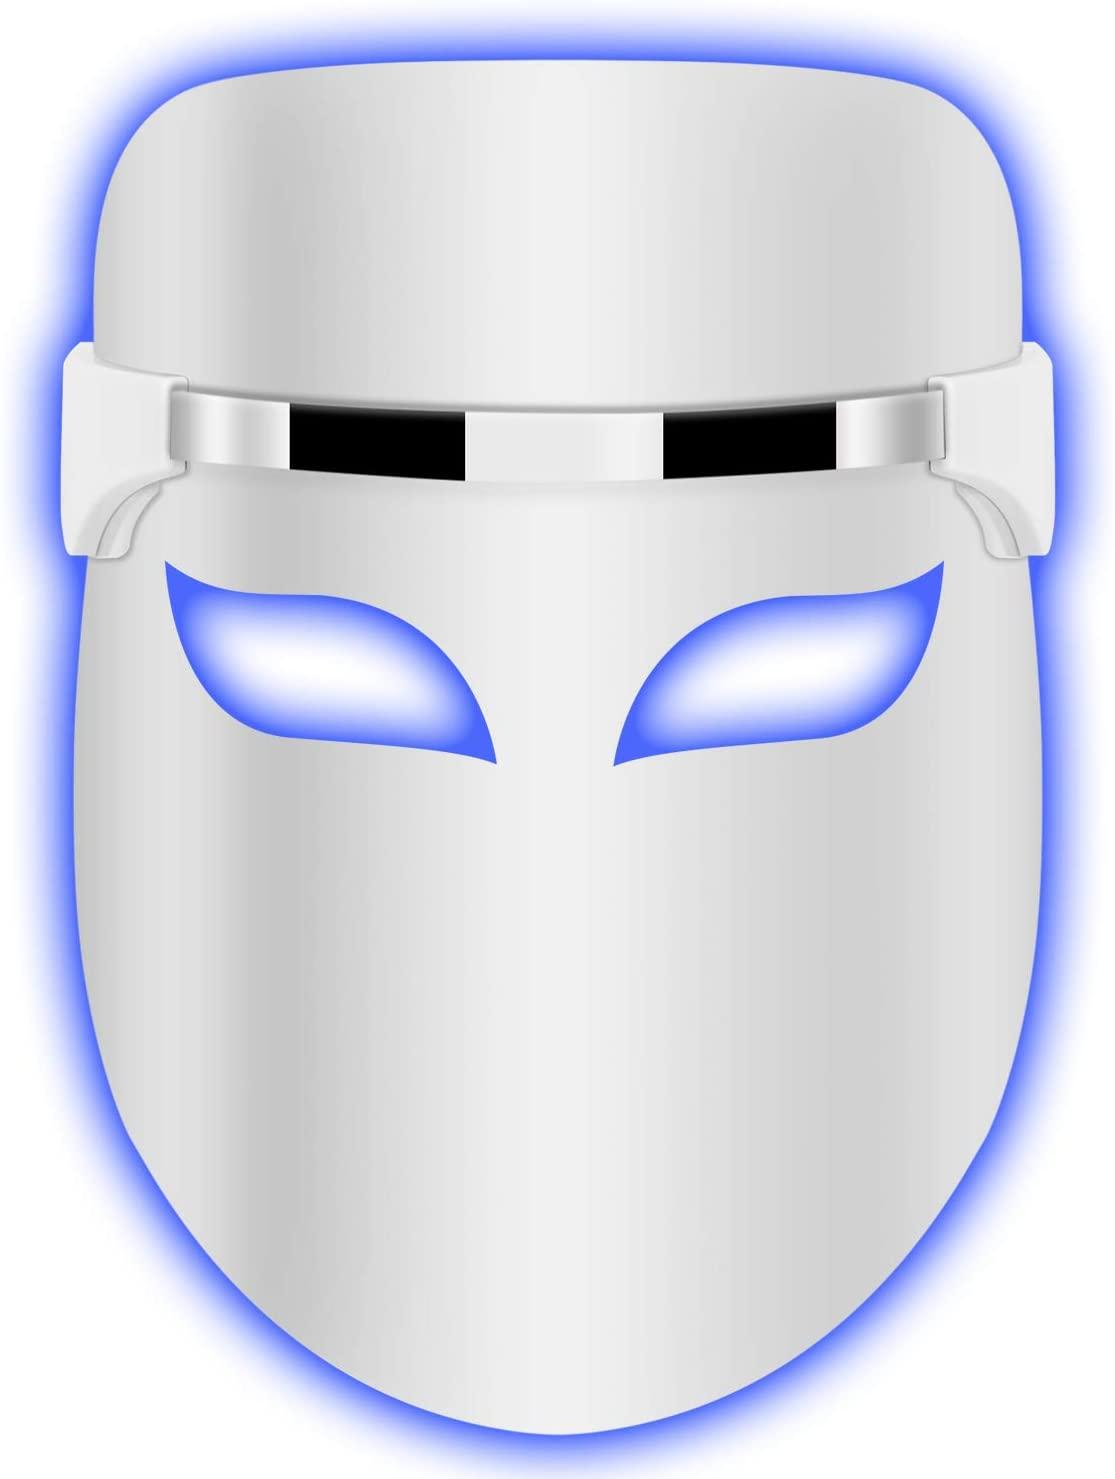 Hangsun Photon Facial Mask 3 Color Face Skin Care Device